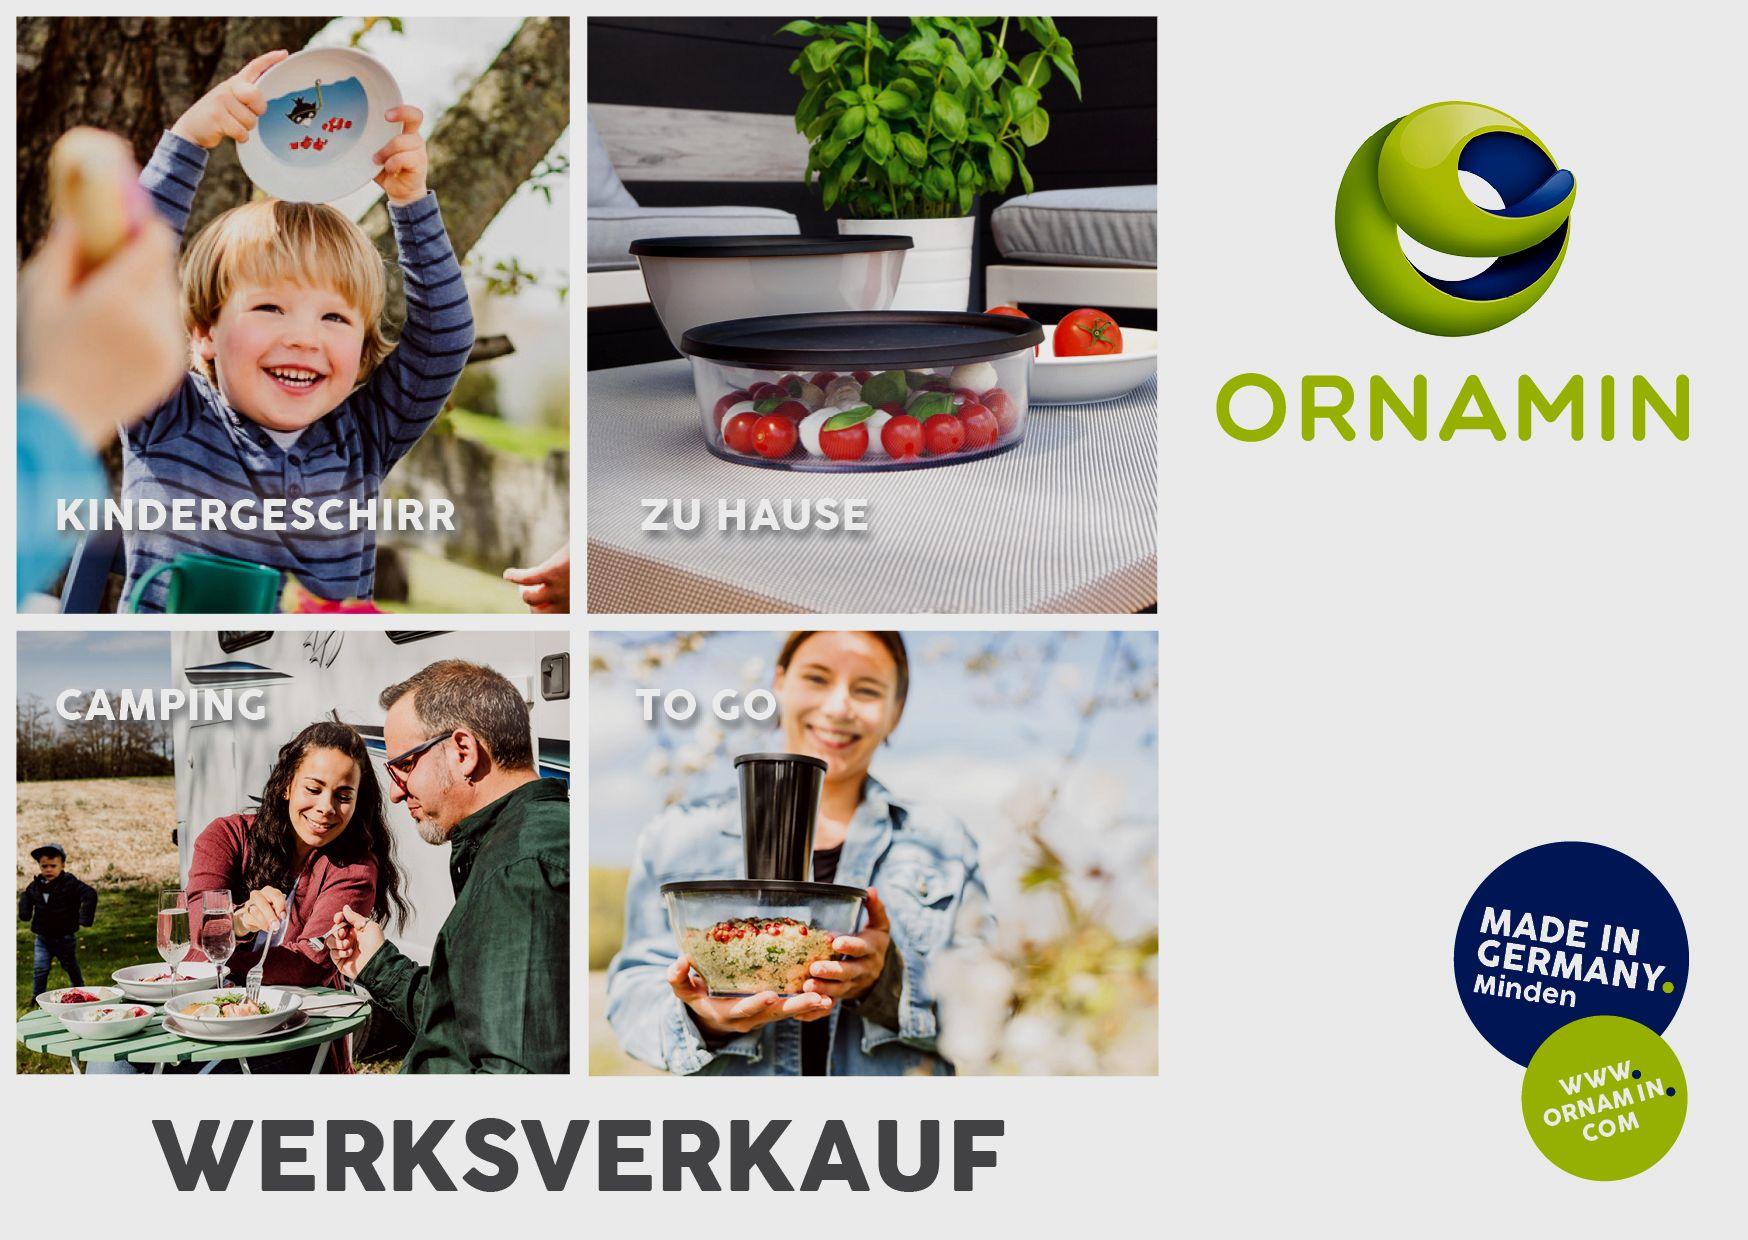 Ornamin-Kunststoffwerke